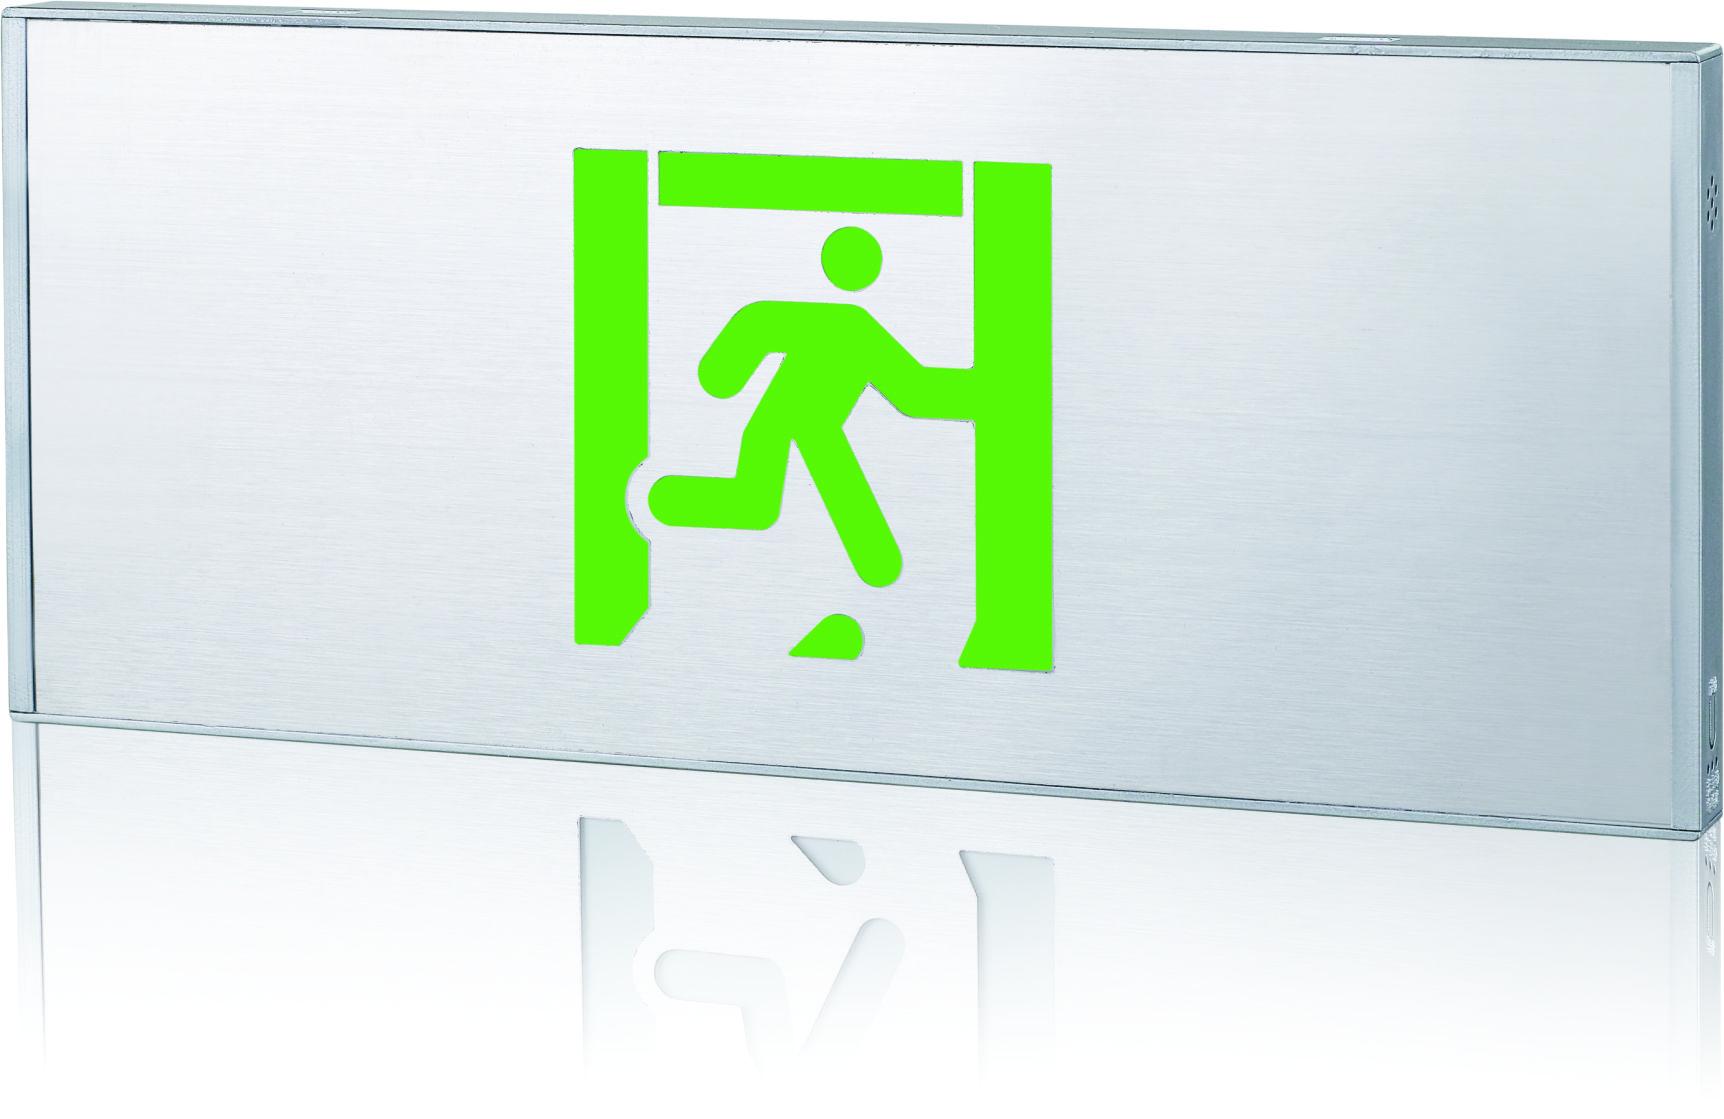 消防应急照明灯具是由工业塑料和高亮度的灯泡制成